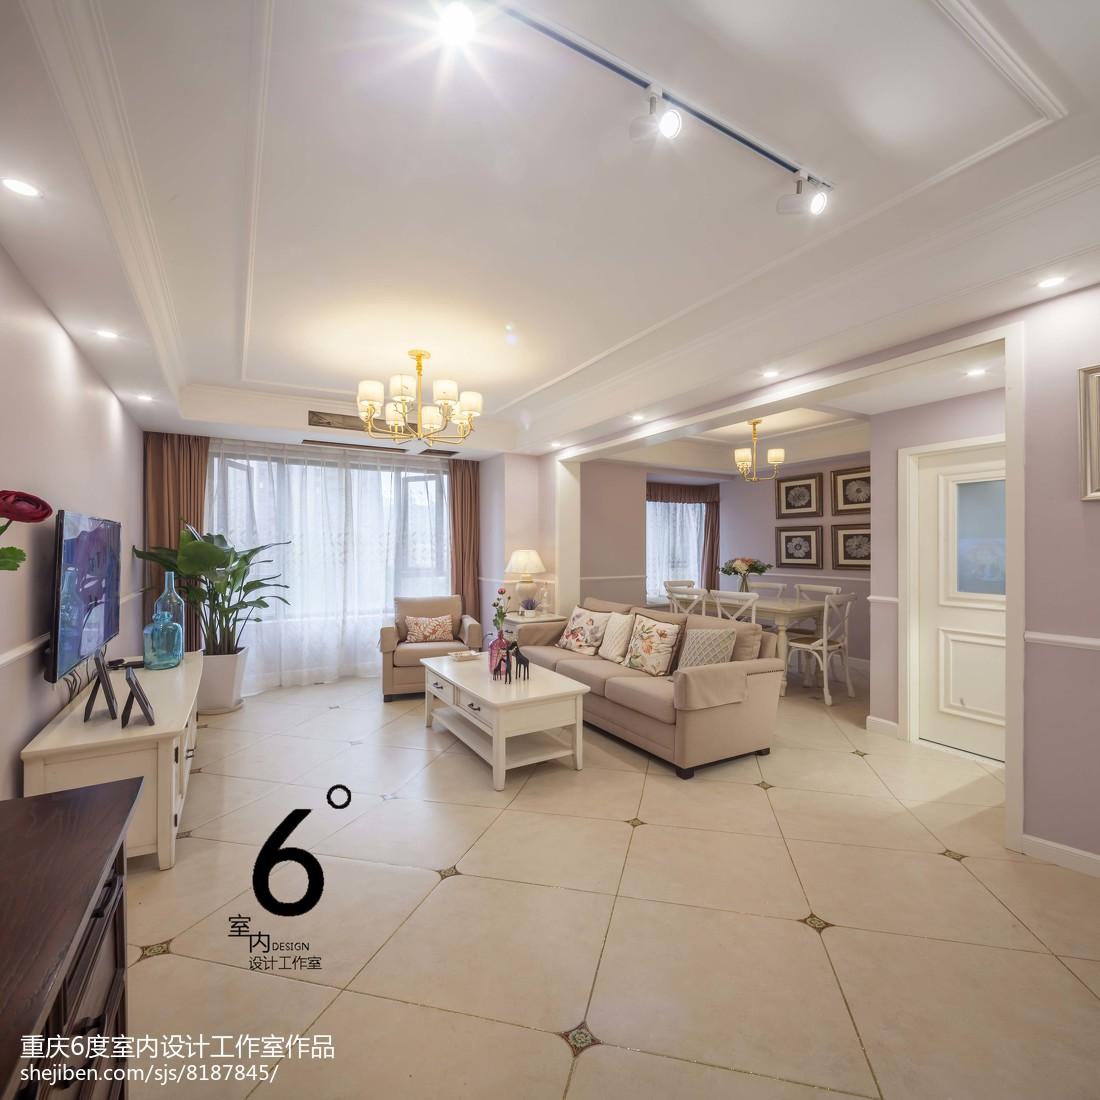 精选102平米三居客厅美式装修欣赏图片101-120m²三居美式经典家装装修案例效果图